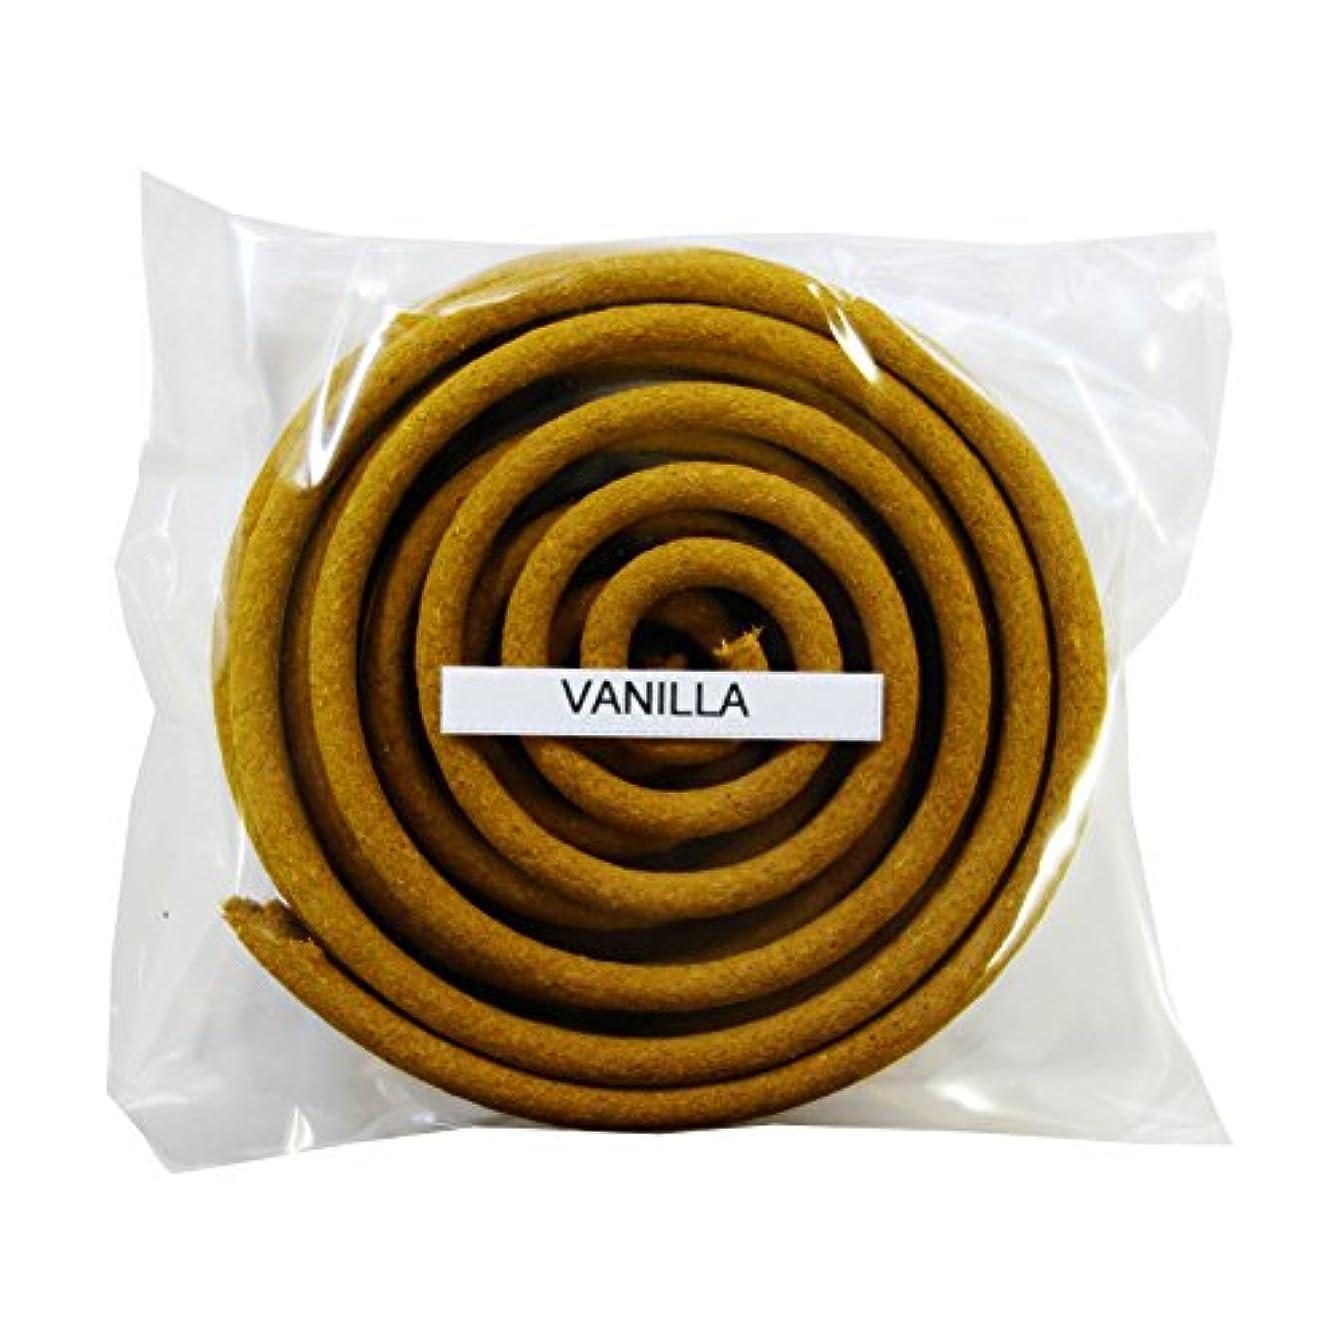 腹ふざけた知るお香/うずまき香 VANILLA バニラ 直径6.5cm×5巻セット [並行輸入品]